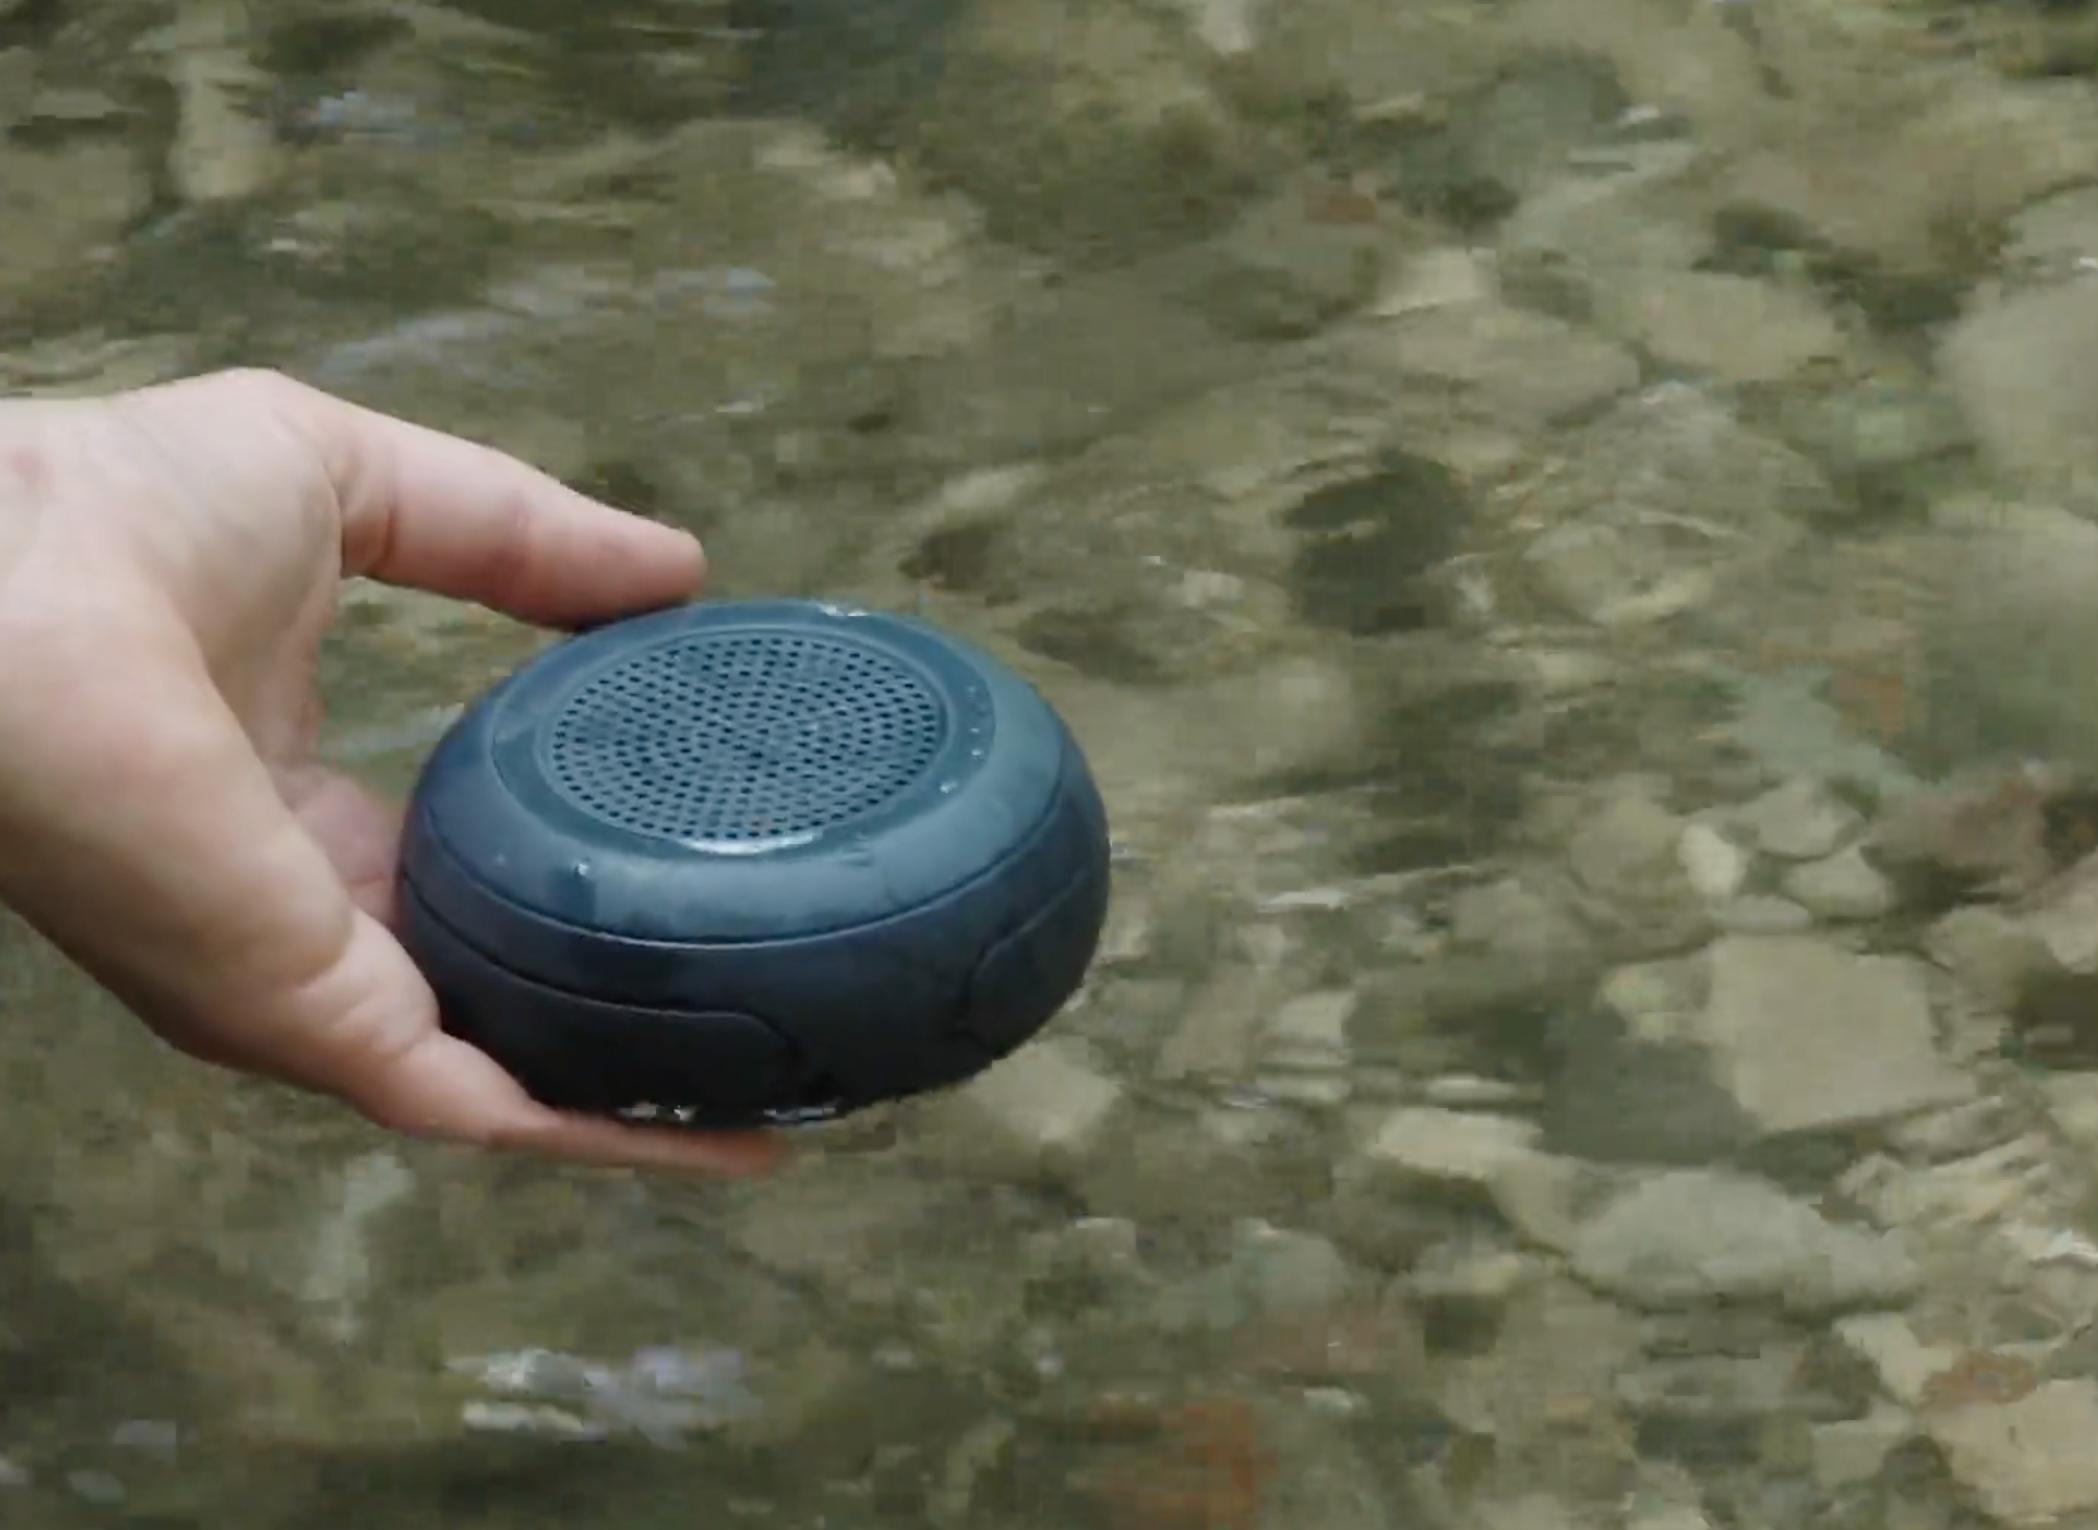 floating waterproof loudspeaker placed in the river